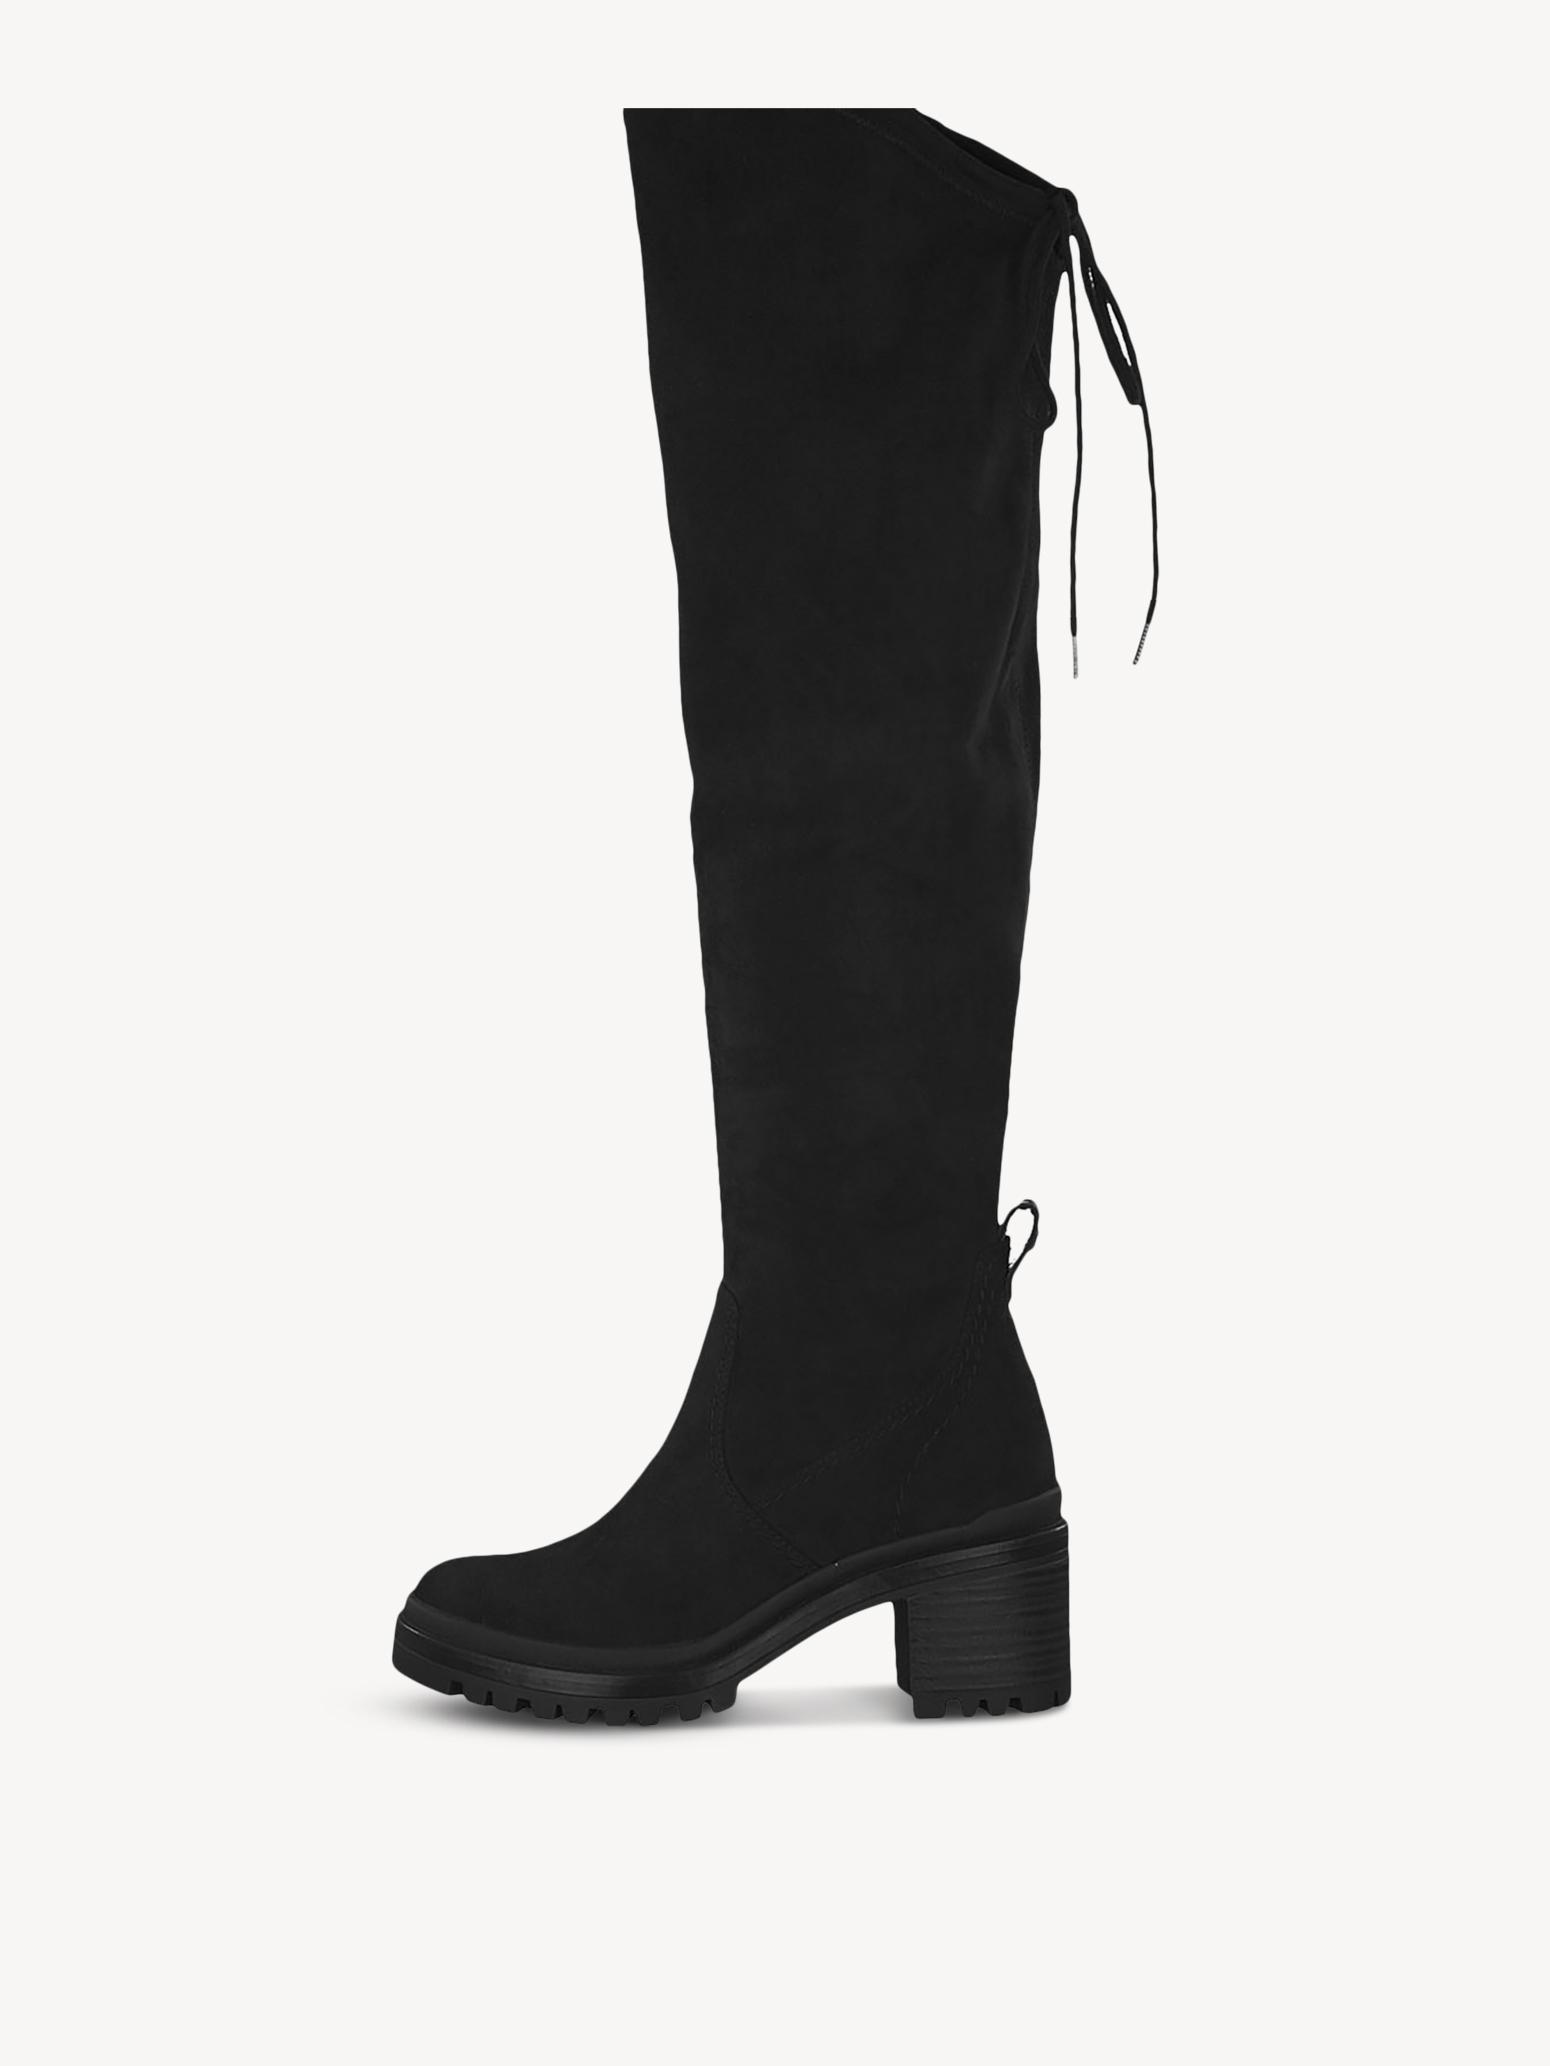 Overknee boots 1 1 25617 23: Buy Tamaris Overknee boots online!